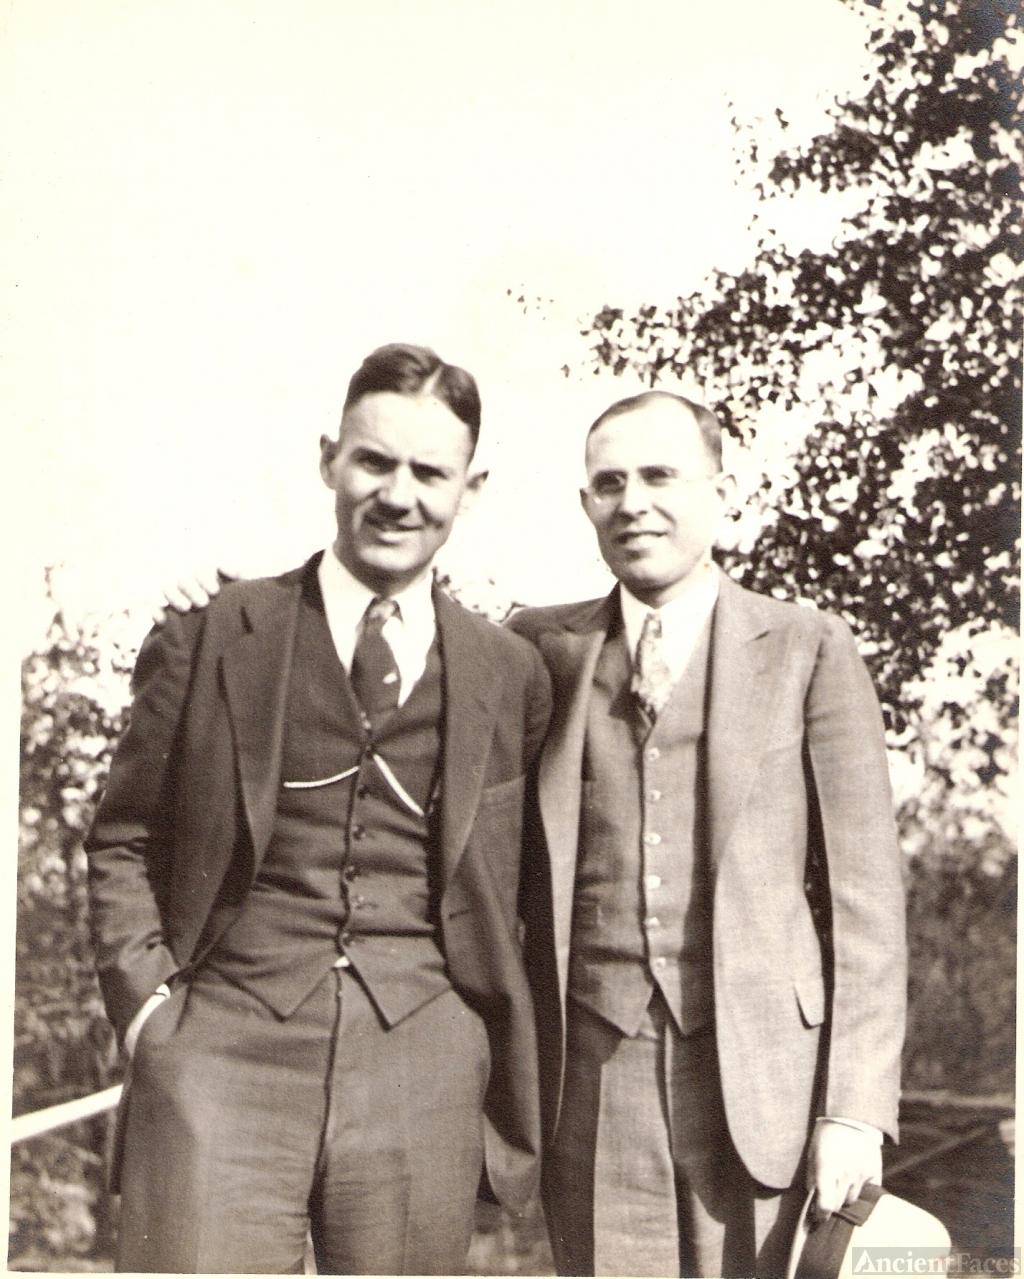 Albert Carter, Sr. & Fred Hester